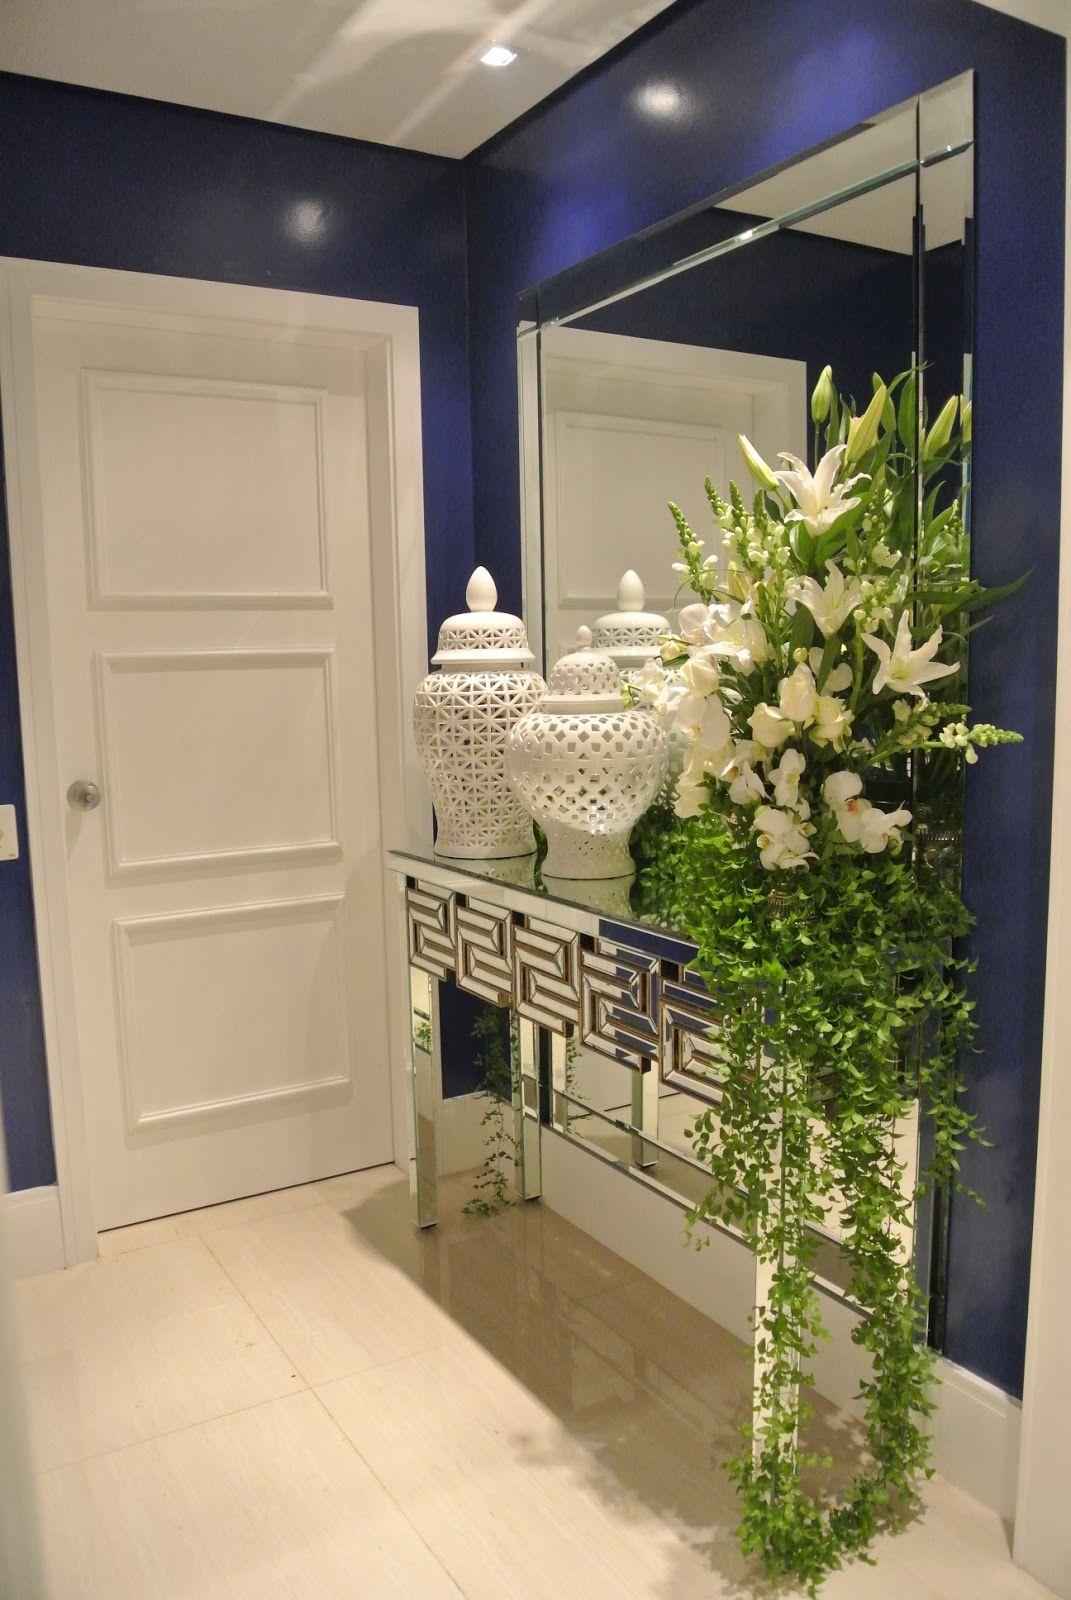 Hall de Entrada, entre com prazer! Halls and Corridors Entradas e Corredores Decoraç u00e3o  -> Decoração Do Hall De Entrada Do Apartamento